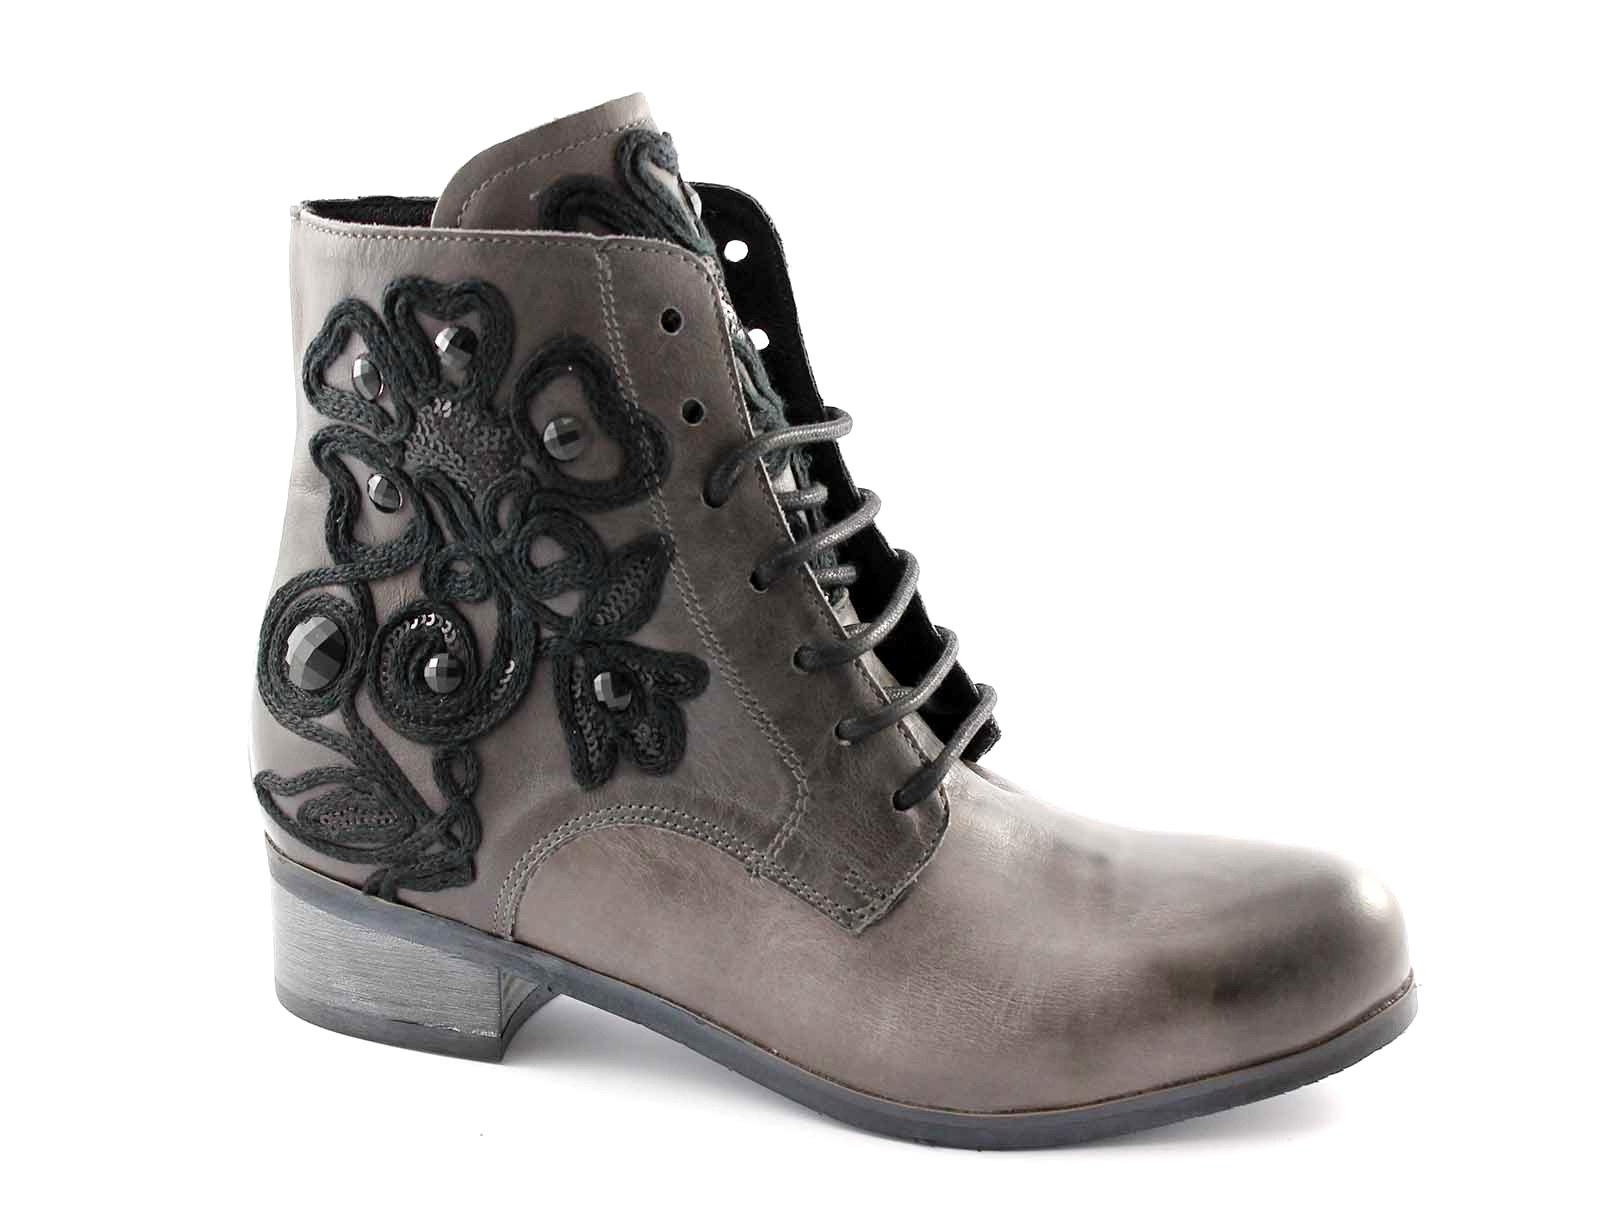 JHON GRACE 3577X38 grigio scarpe zip donna stivaletti tronchetti laccio zip scarpe a86a54